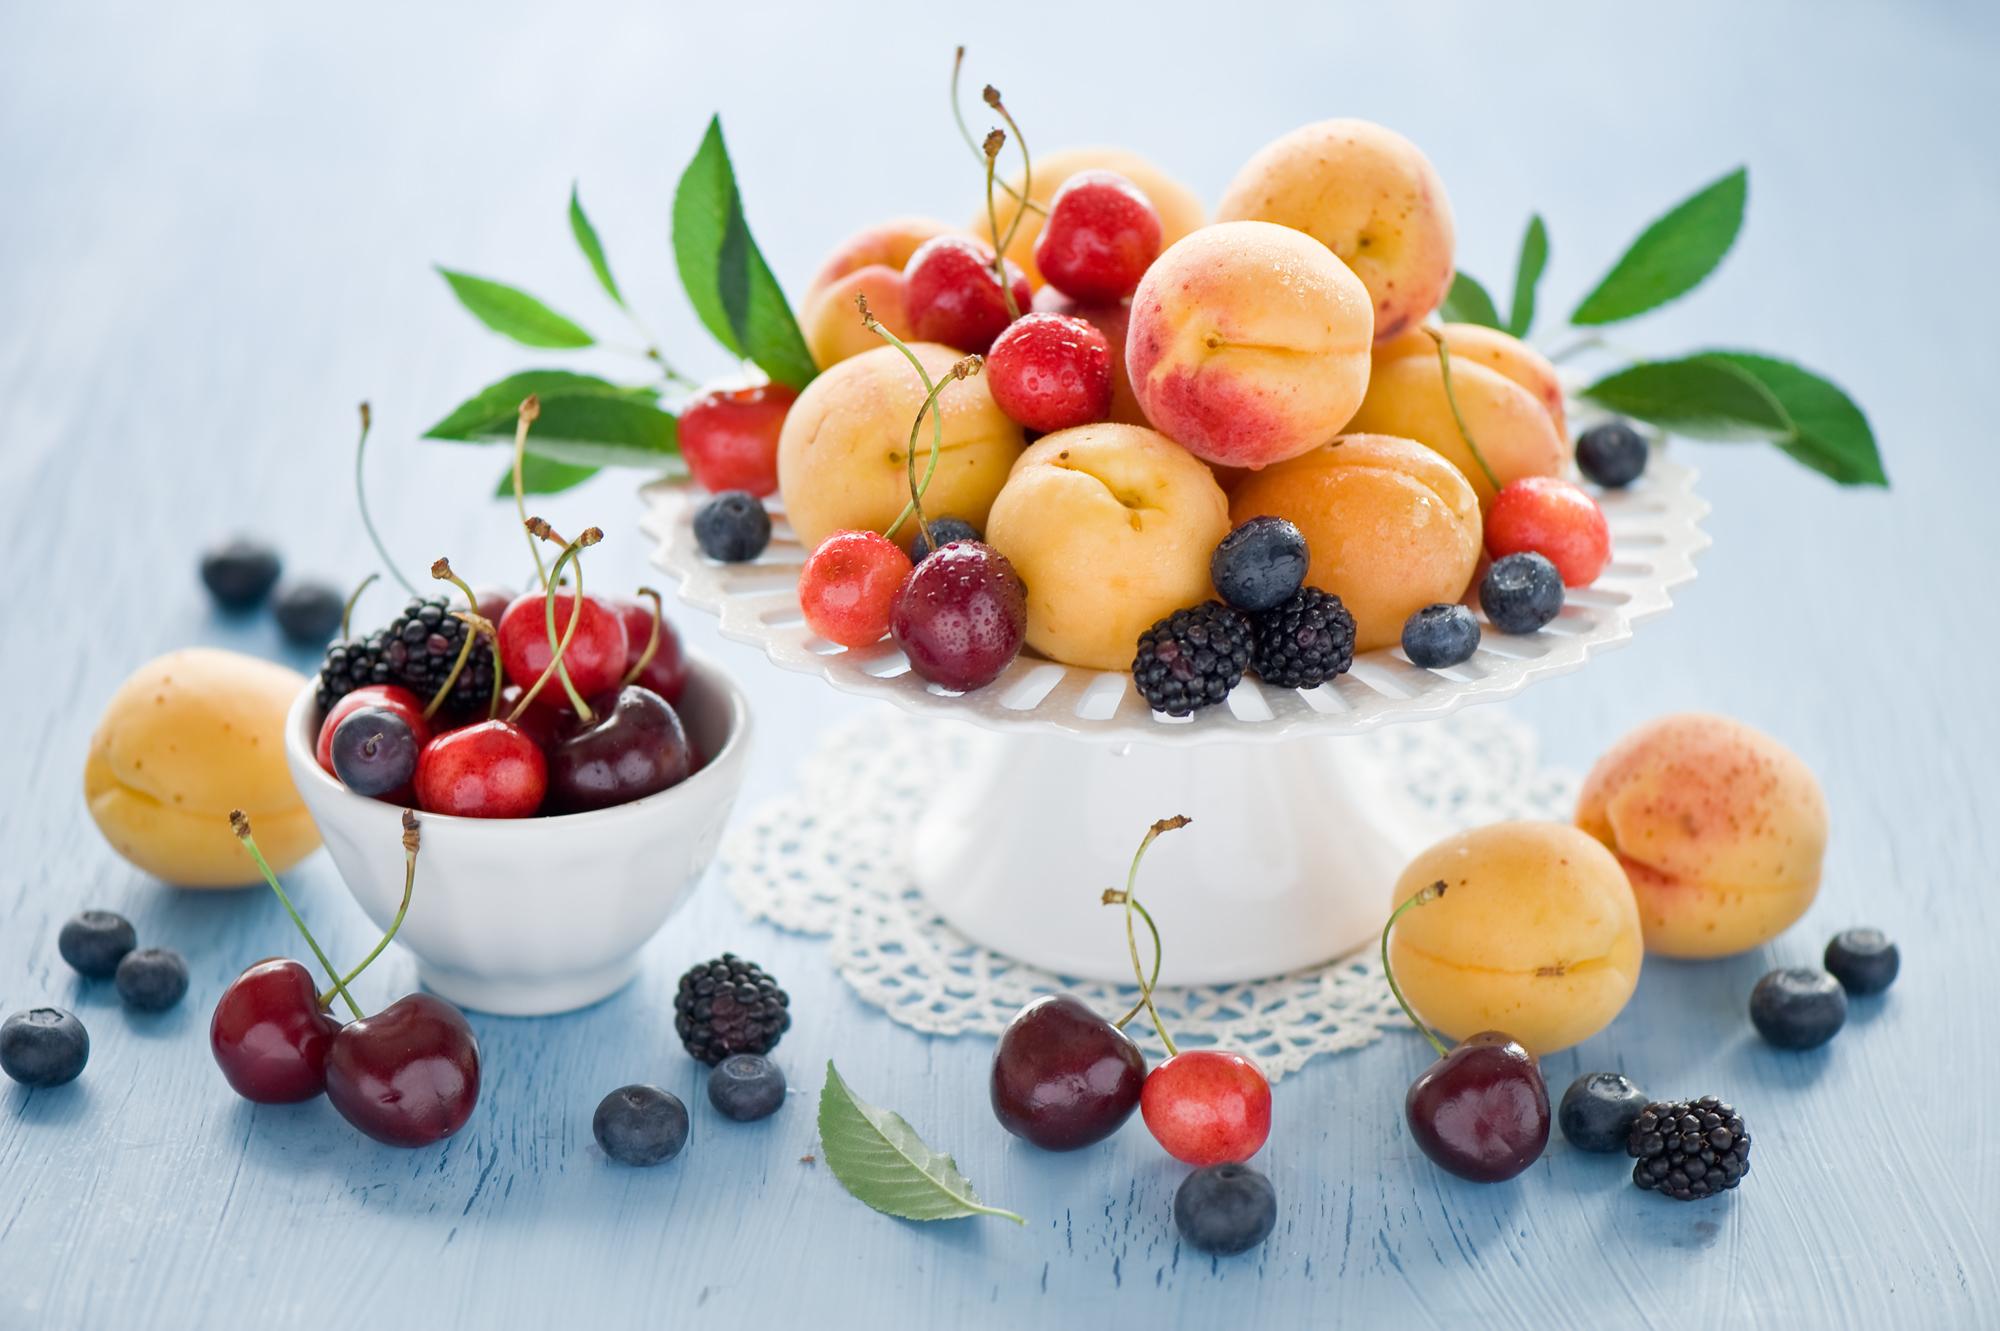 Обои на рабочий стол 1024 фрукты